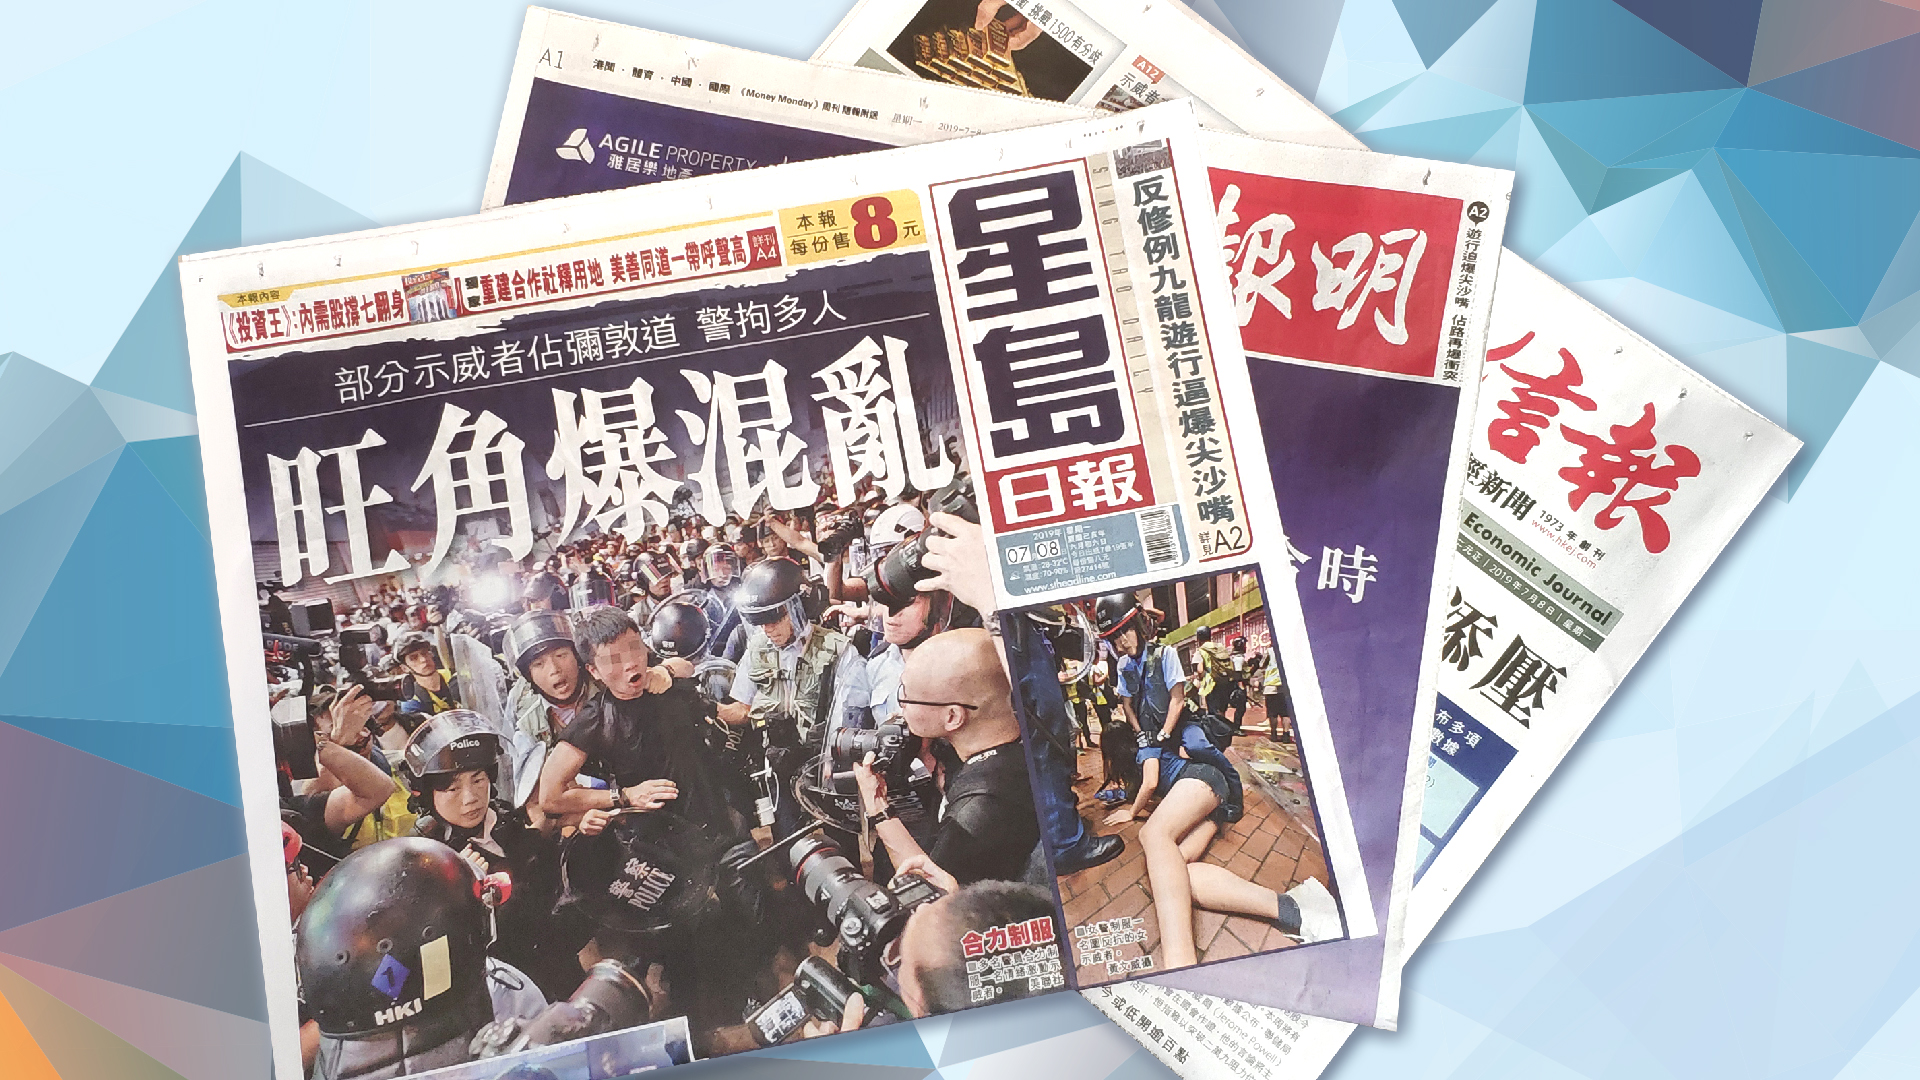 【報章A1速覽】部分示威者佔彌敦道 旺角爆混亂;小米436億元股份解禁勢添壓